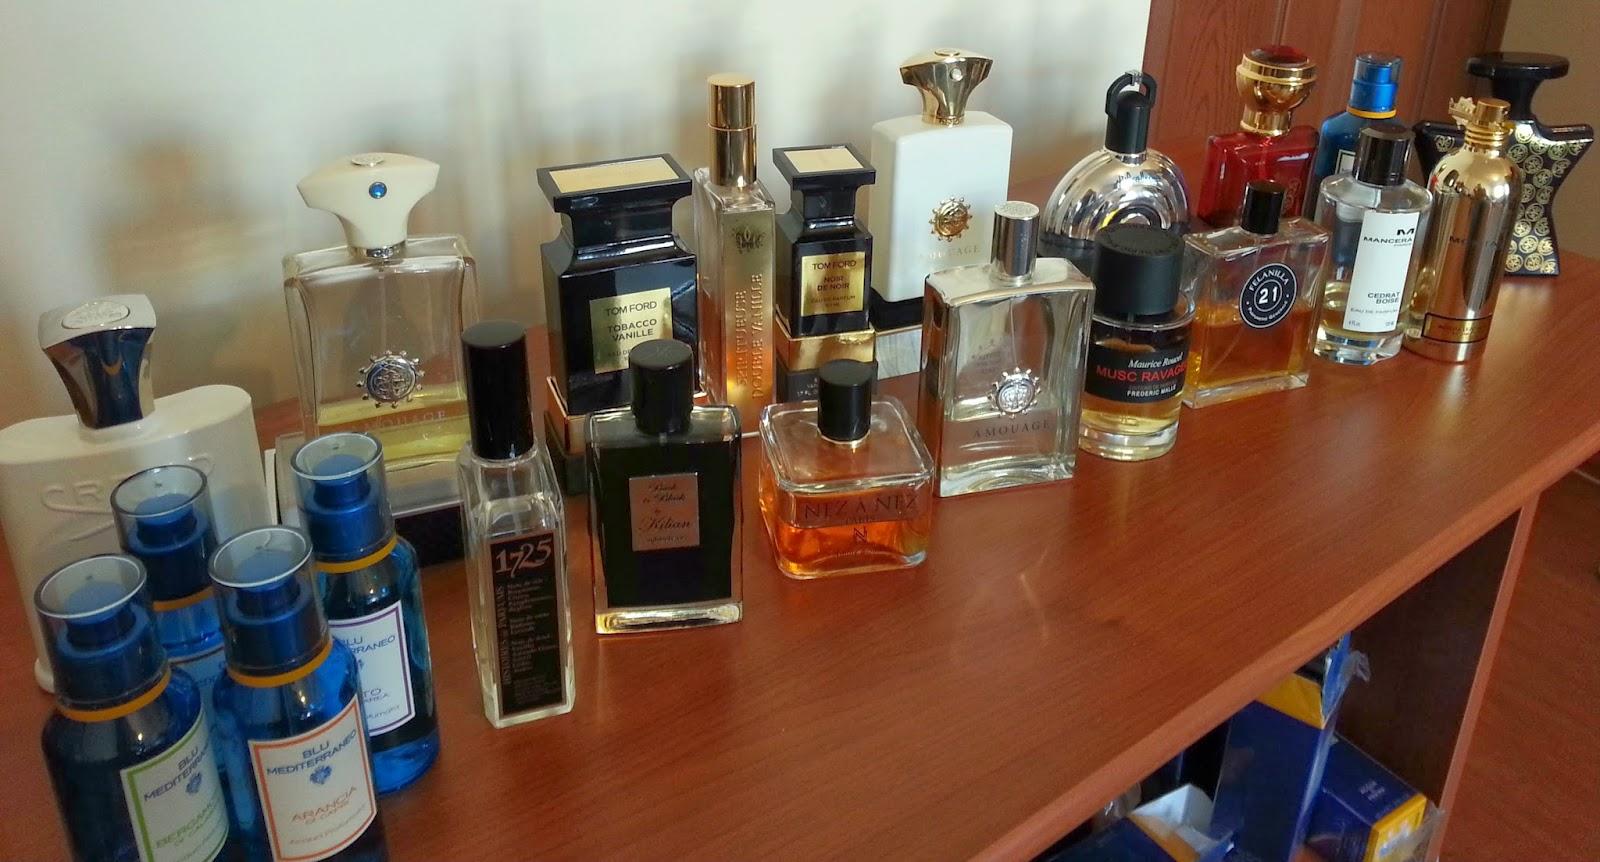 Açık Parfümlerin Zararları ve Yararları Nelerdir